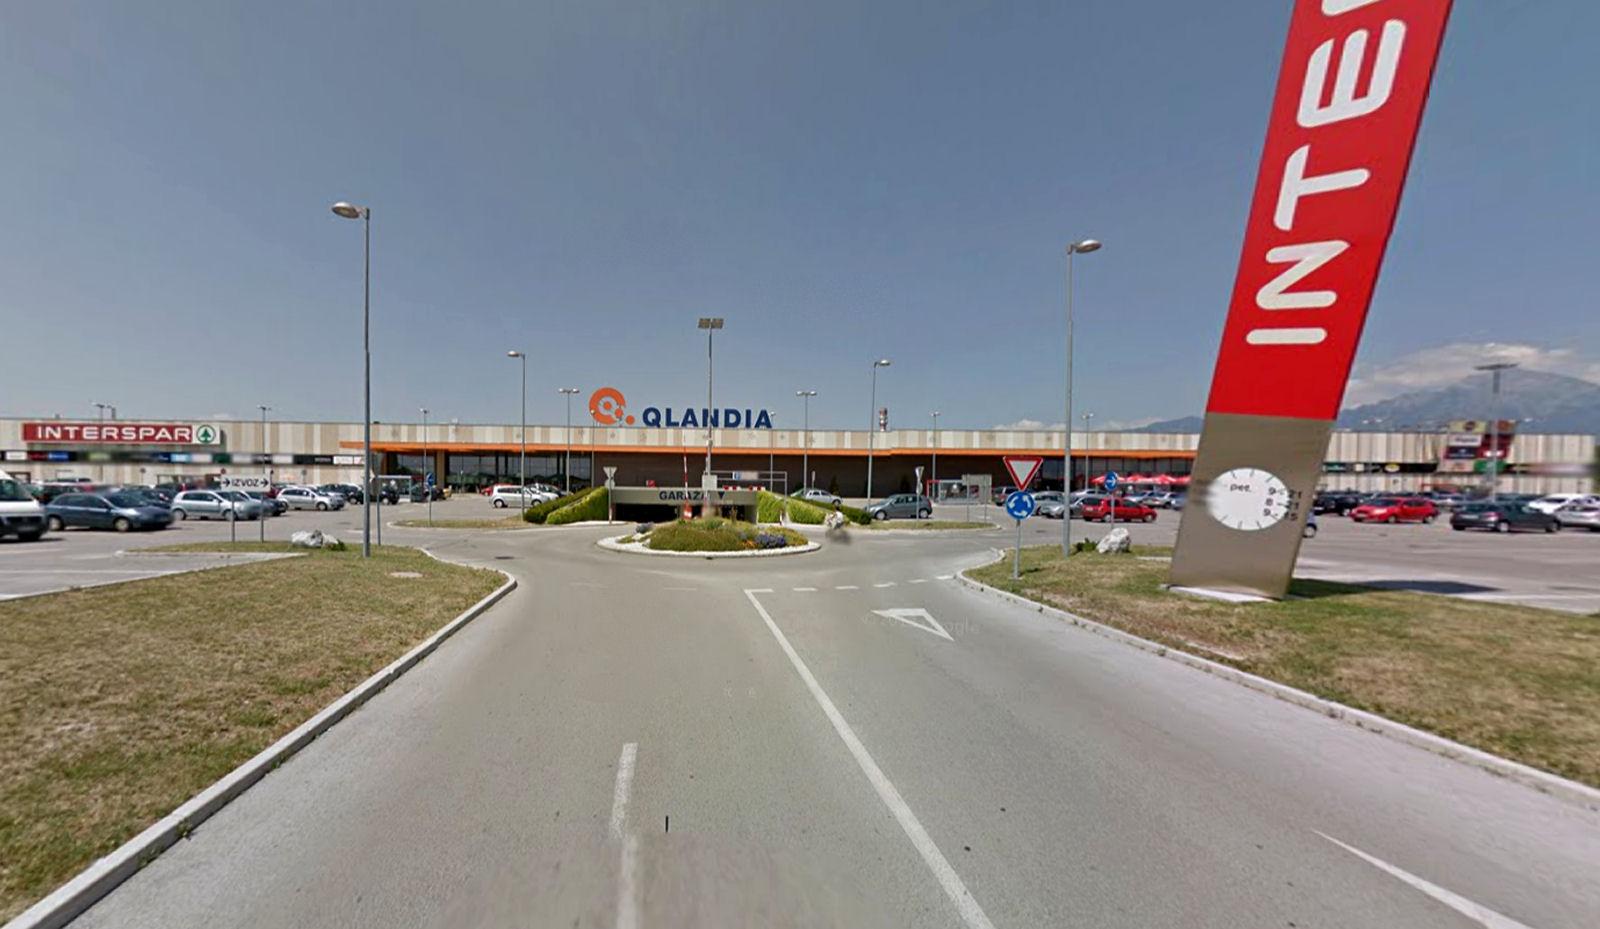 Qlandia Kranj shopping centre